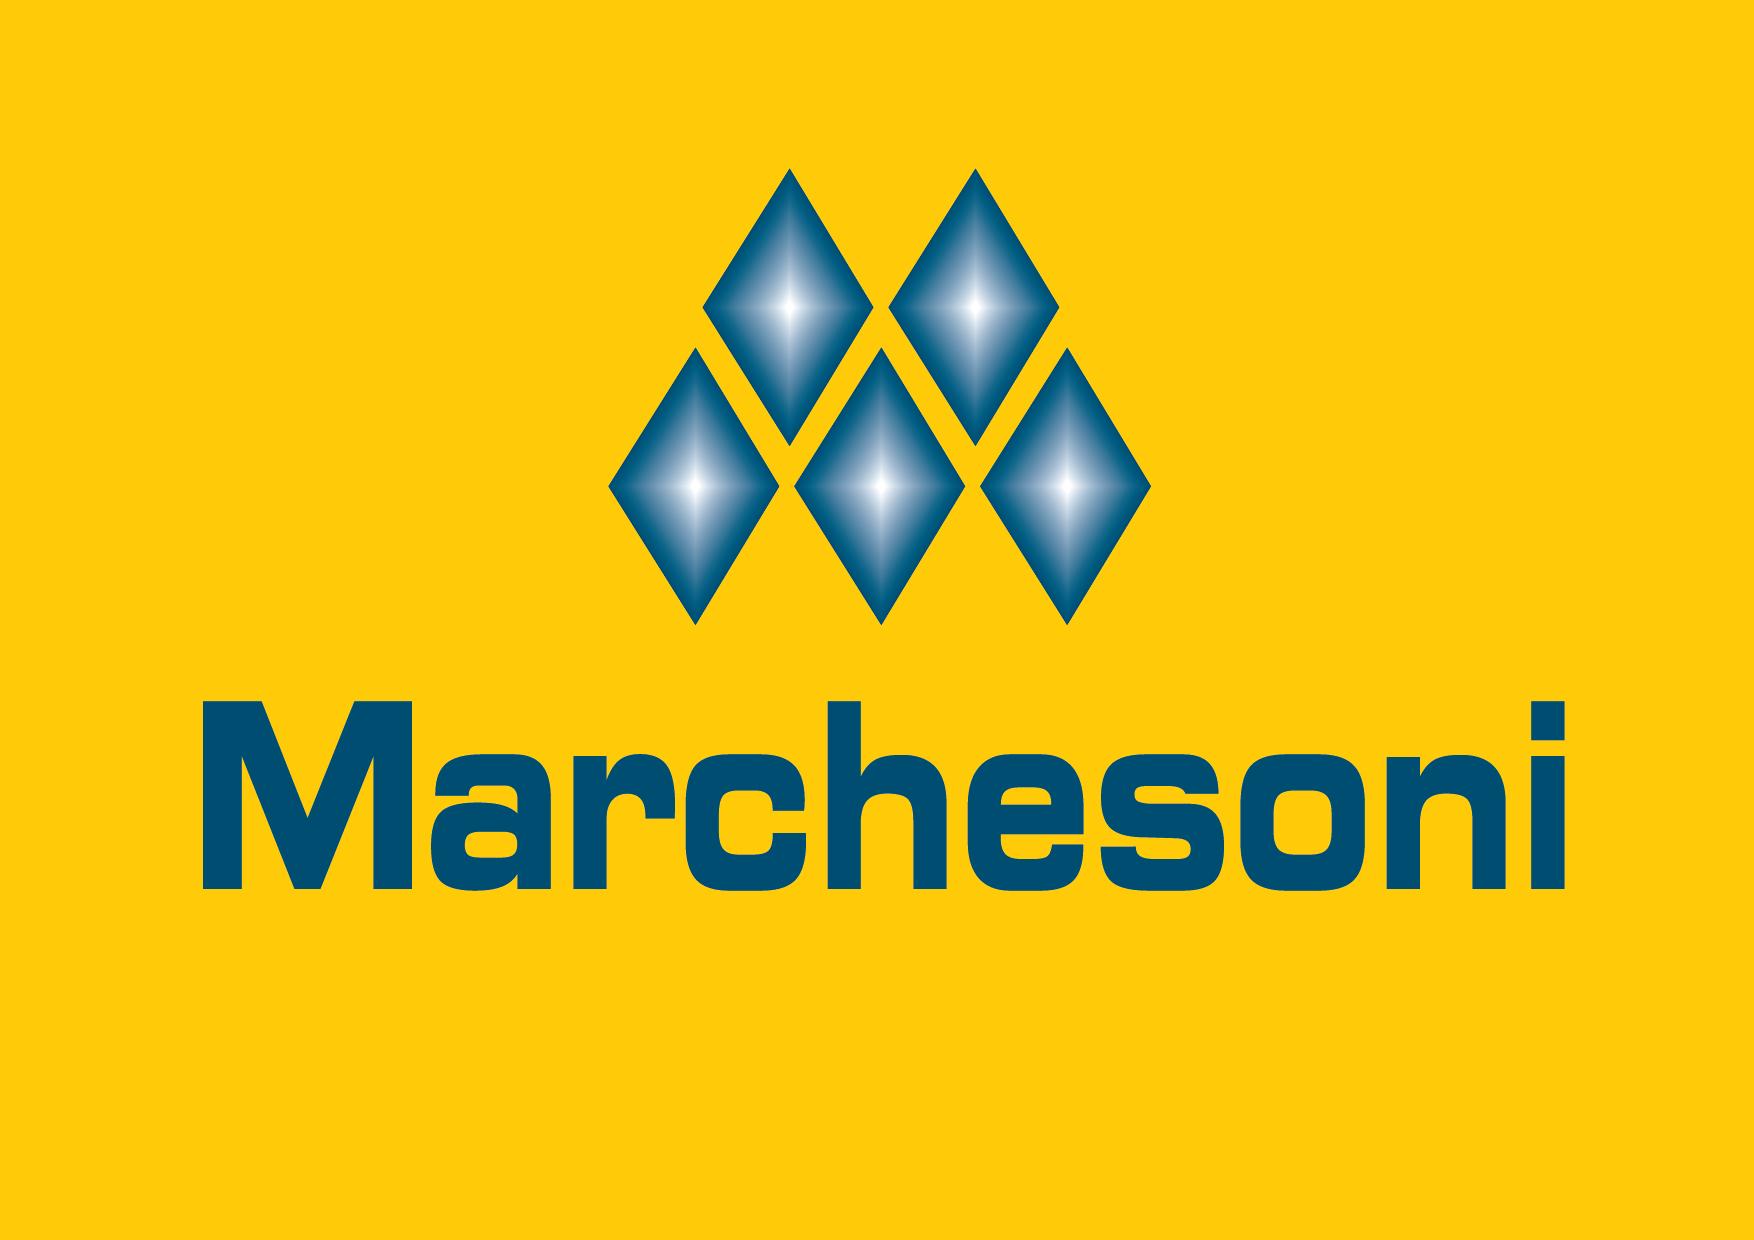 KIT com 5 Torres de Chopp MarcBeer Marchesoni 2,5 Litros - MB.2.250  - Carmel Equipamentos